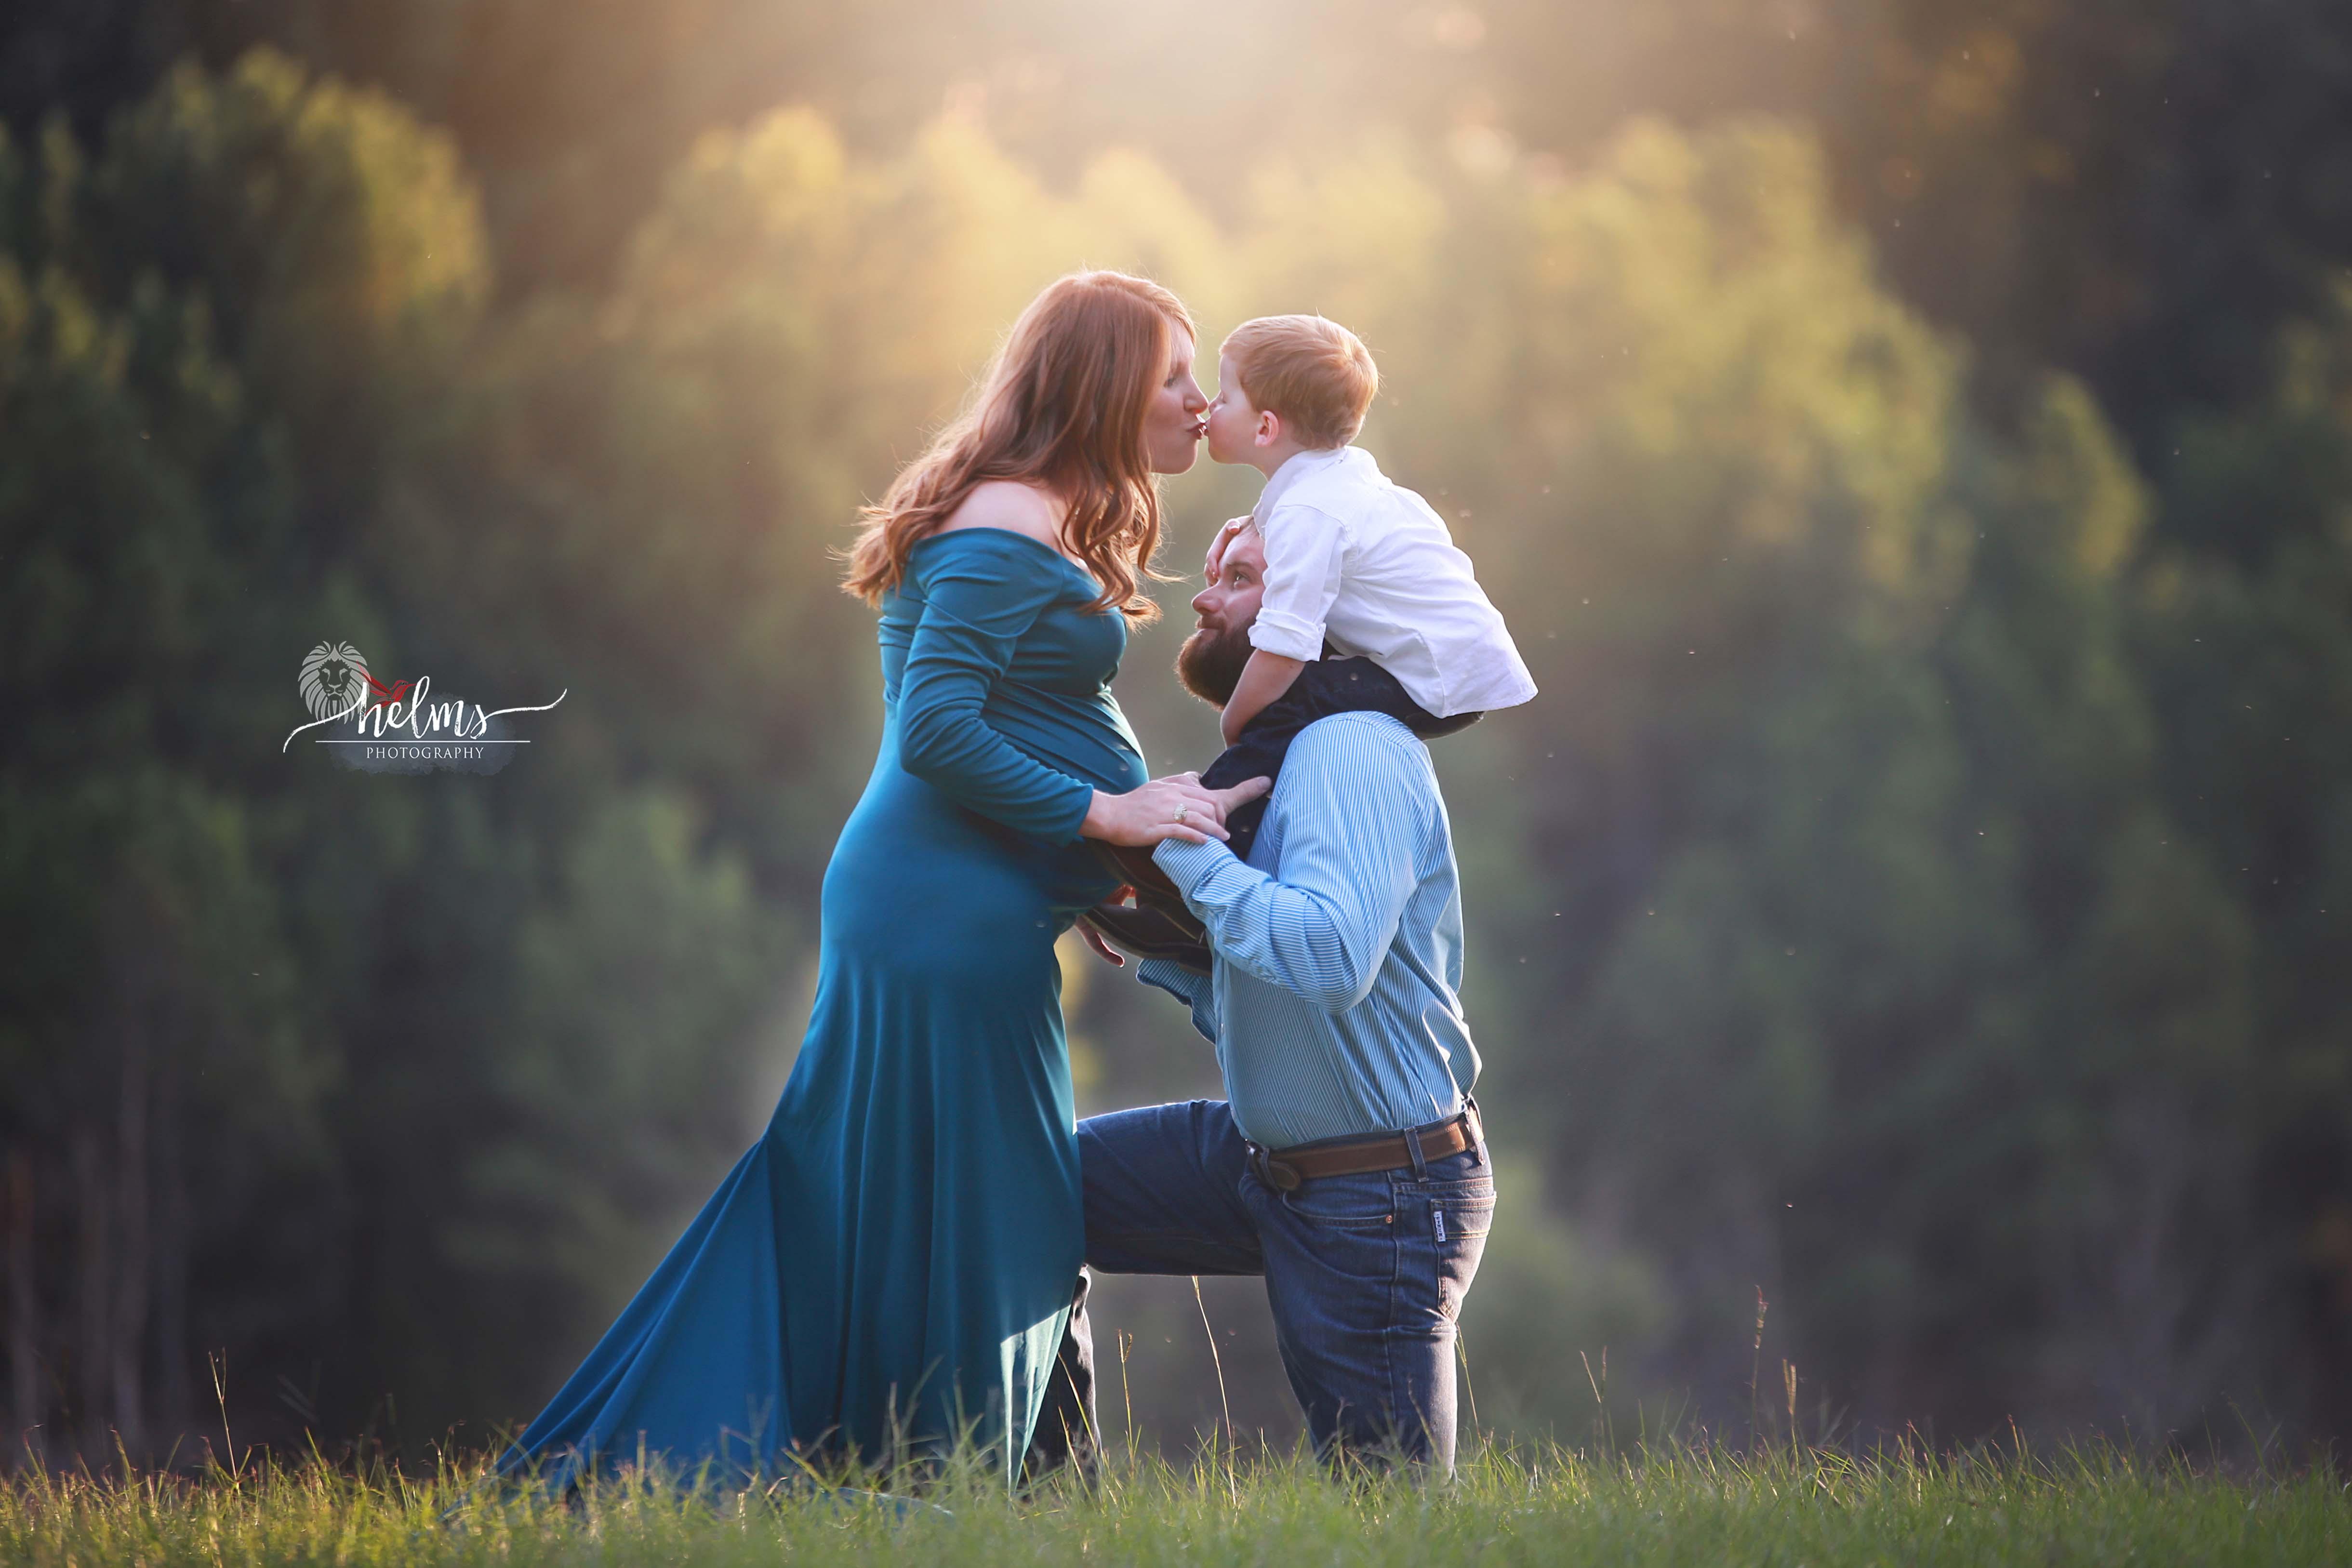 Outdoor Maternity Photography Texarkana, Texas